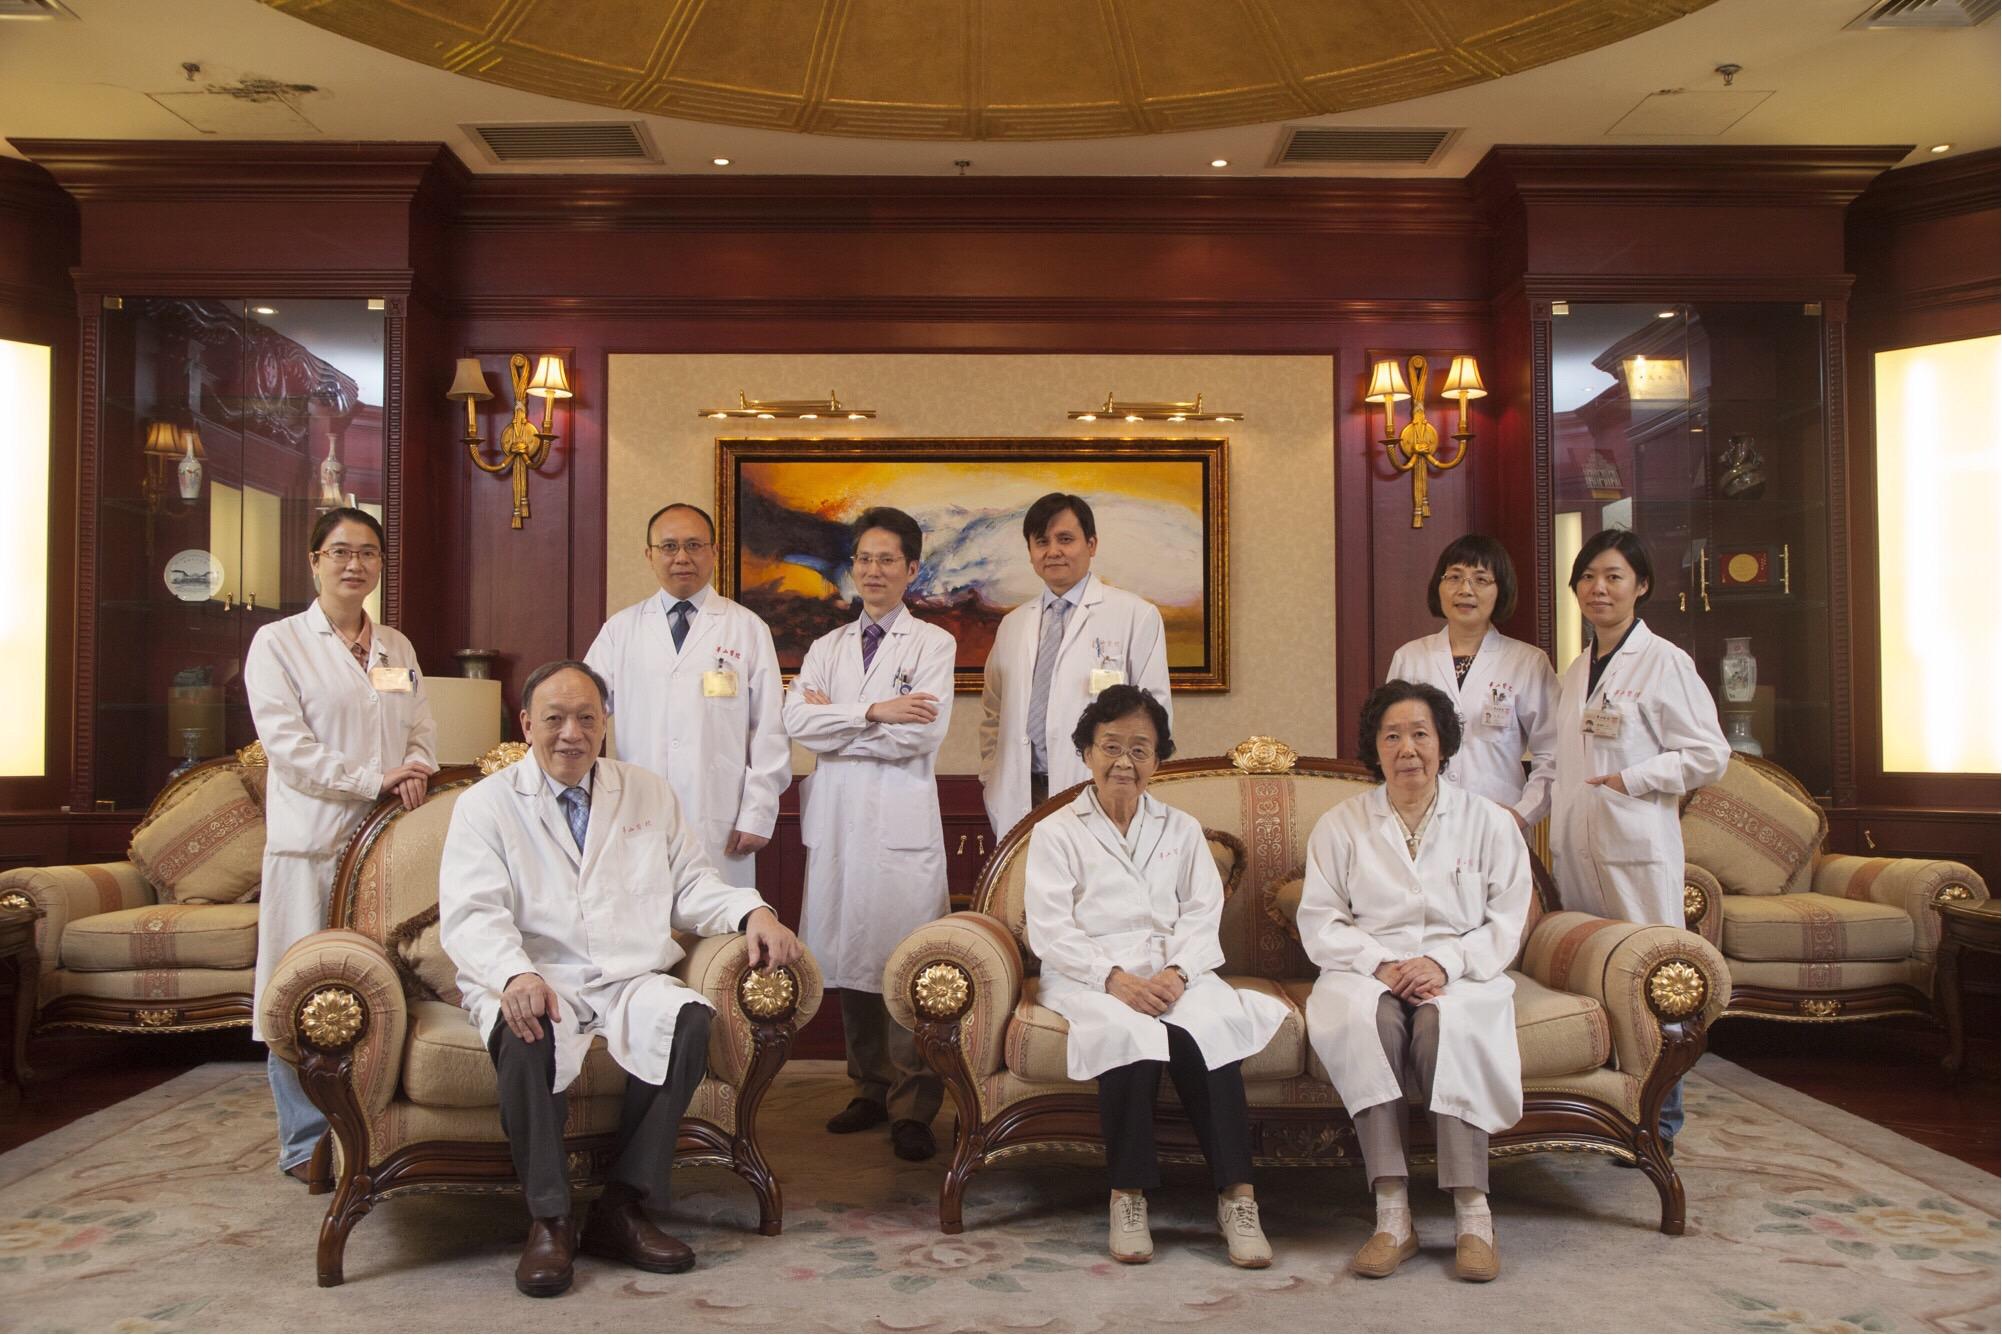 感染科和抗生素研究所领导集体照.jpg